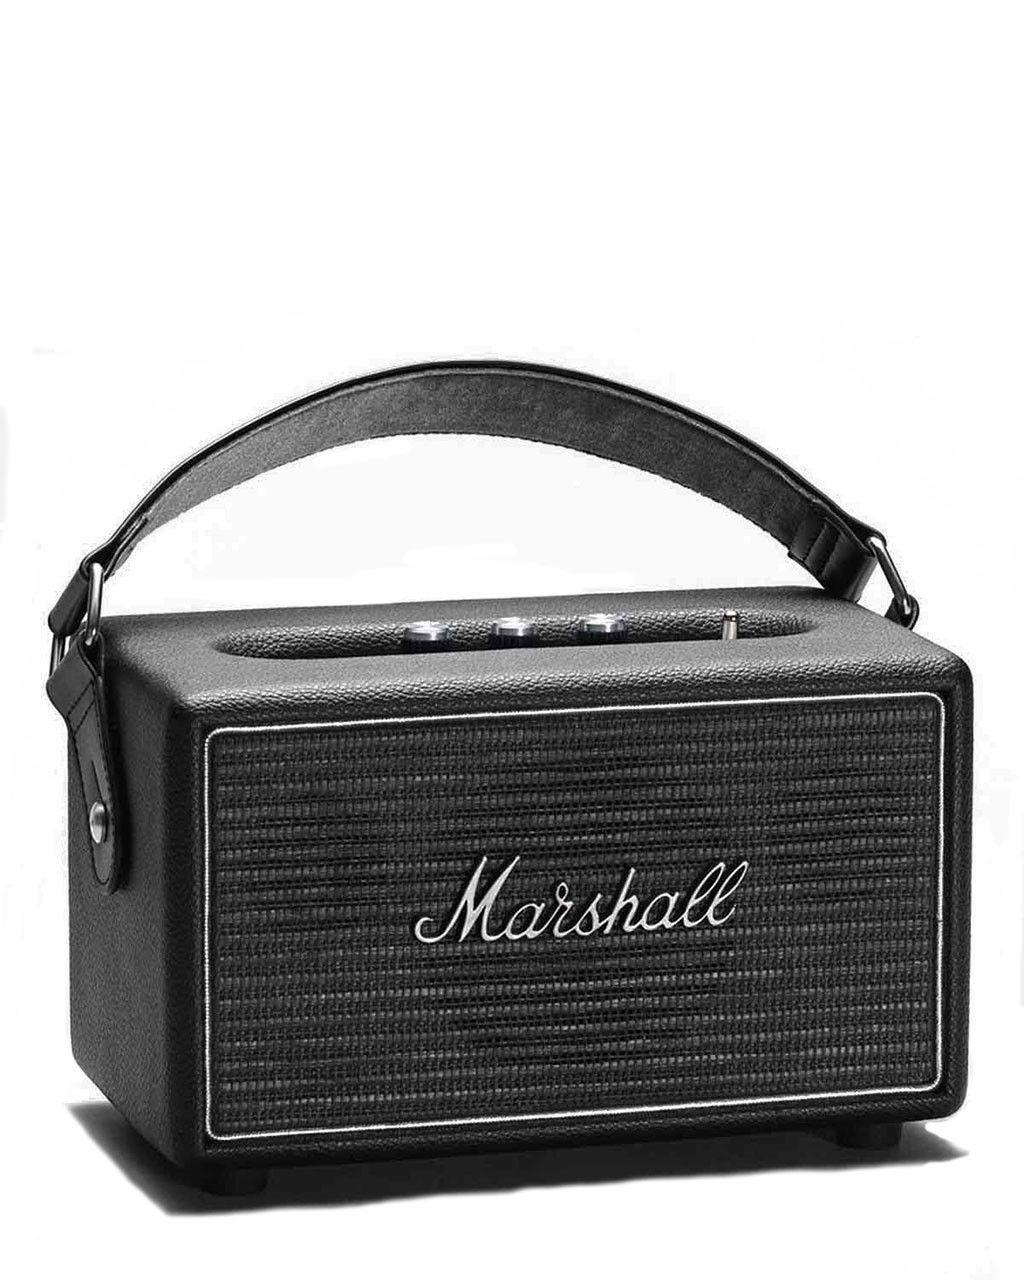 Marshall Kilburn Steel Edition